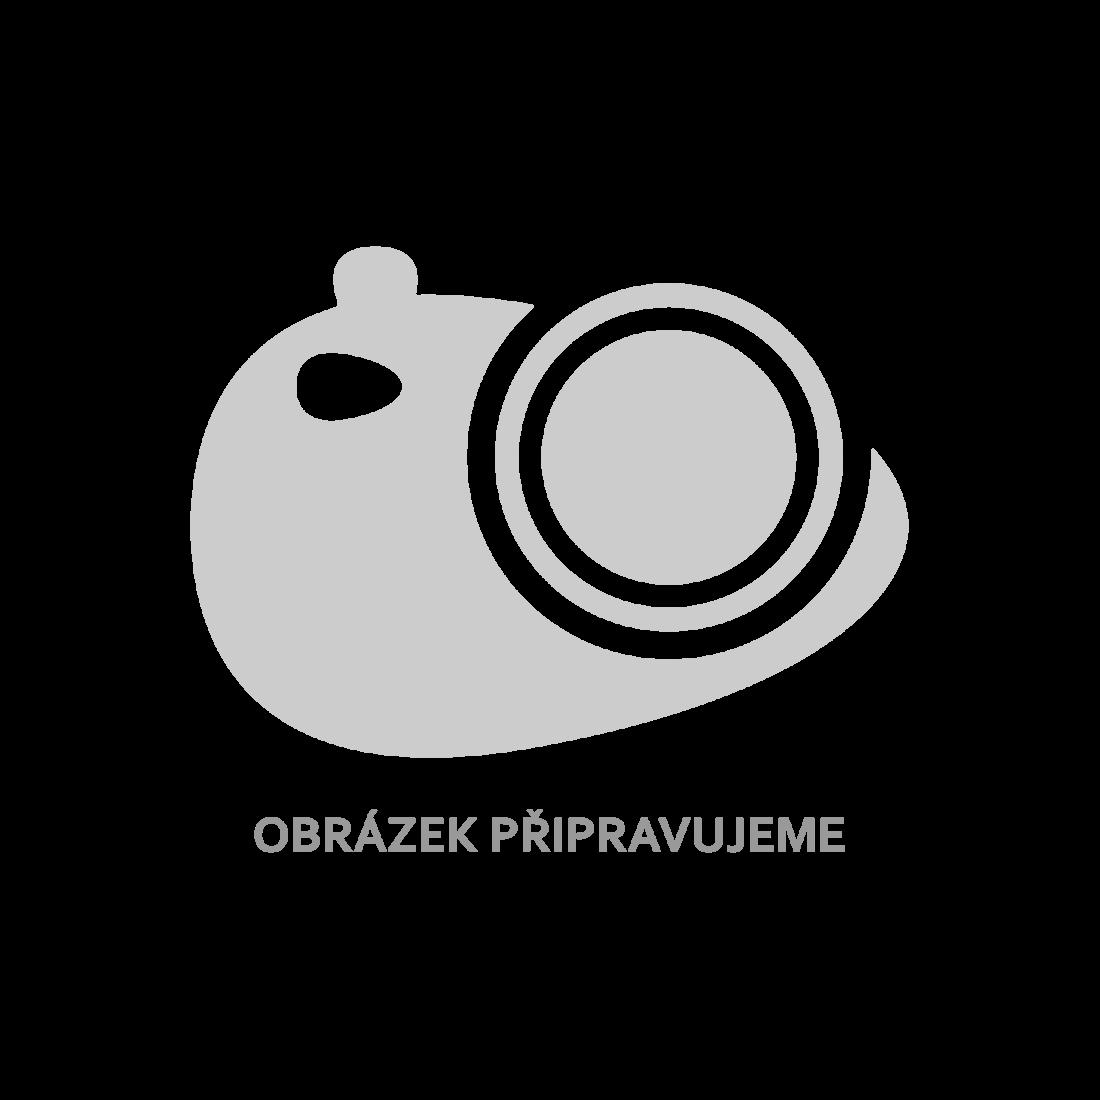 vidaXL Plovoucí nástěnné police 4 ks bílé vysoký lesk 90x23,5x3,8 cm [323756]